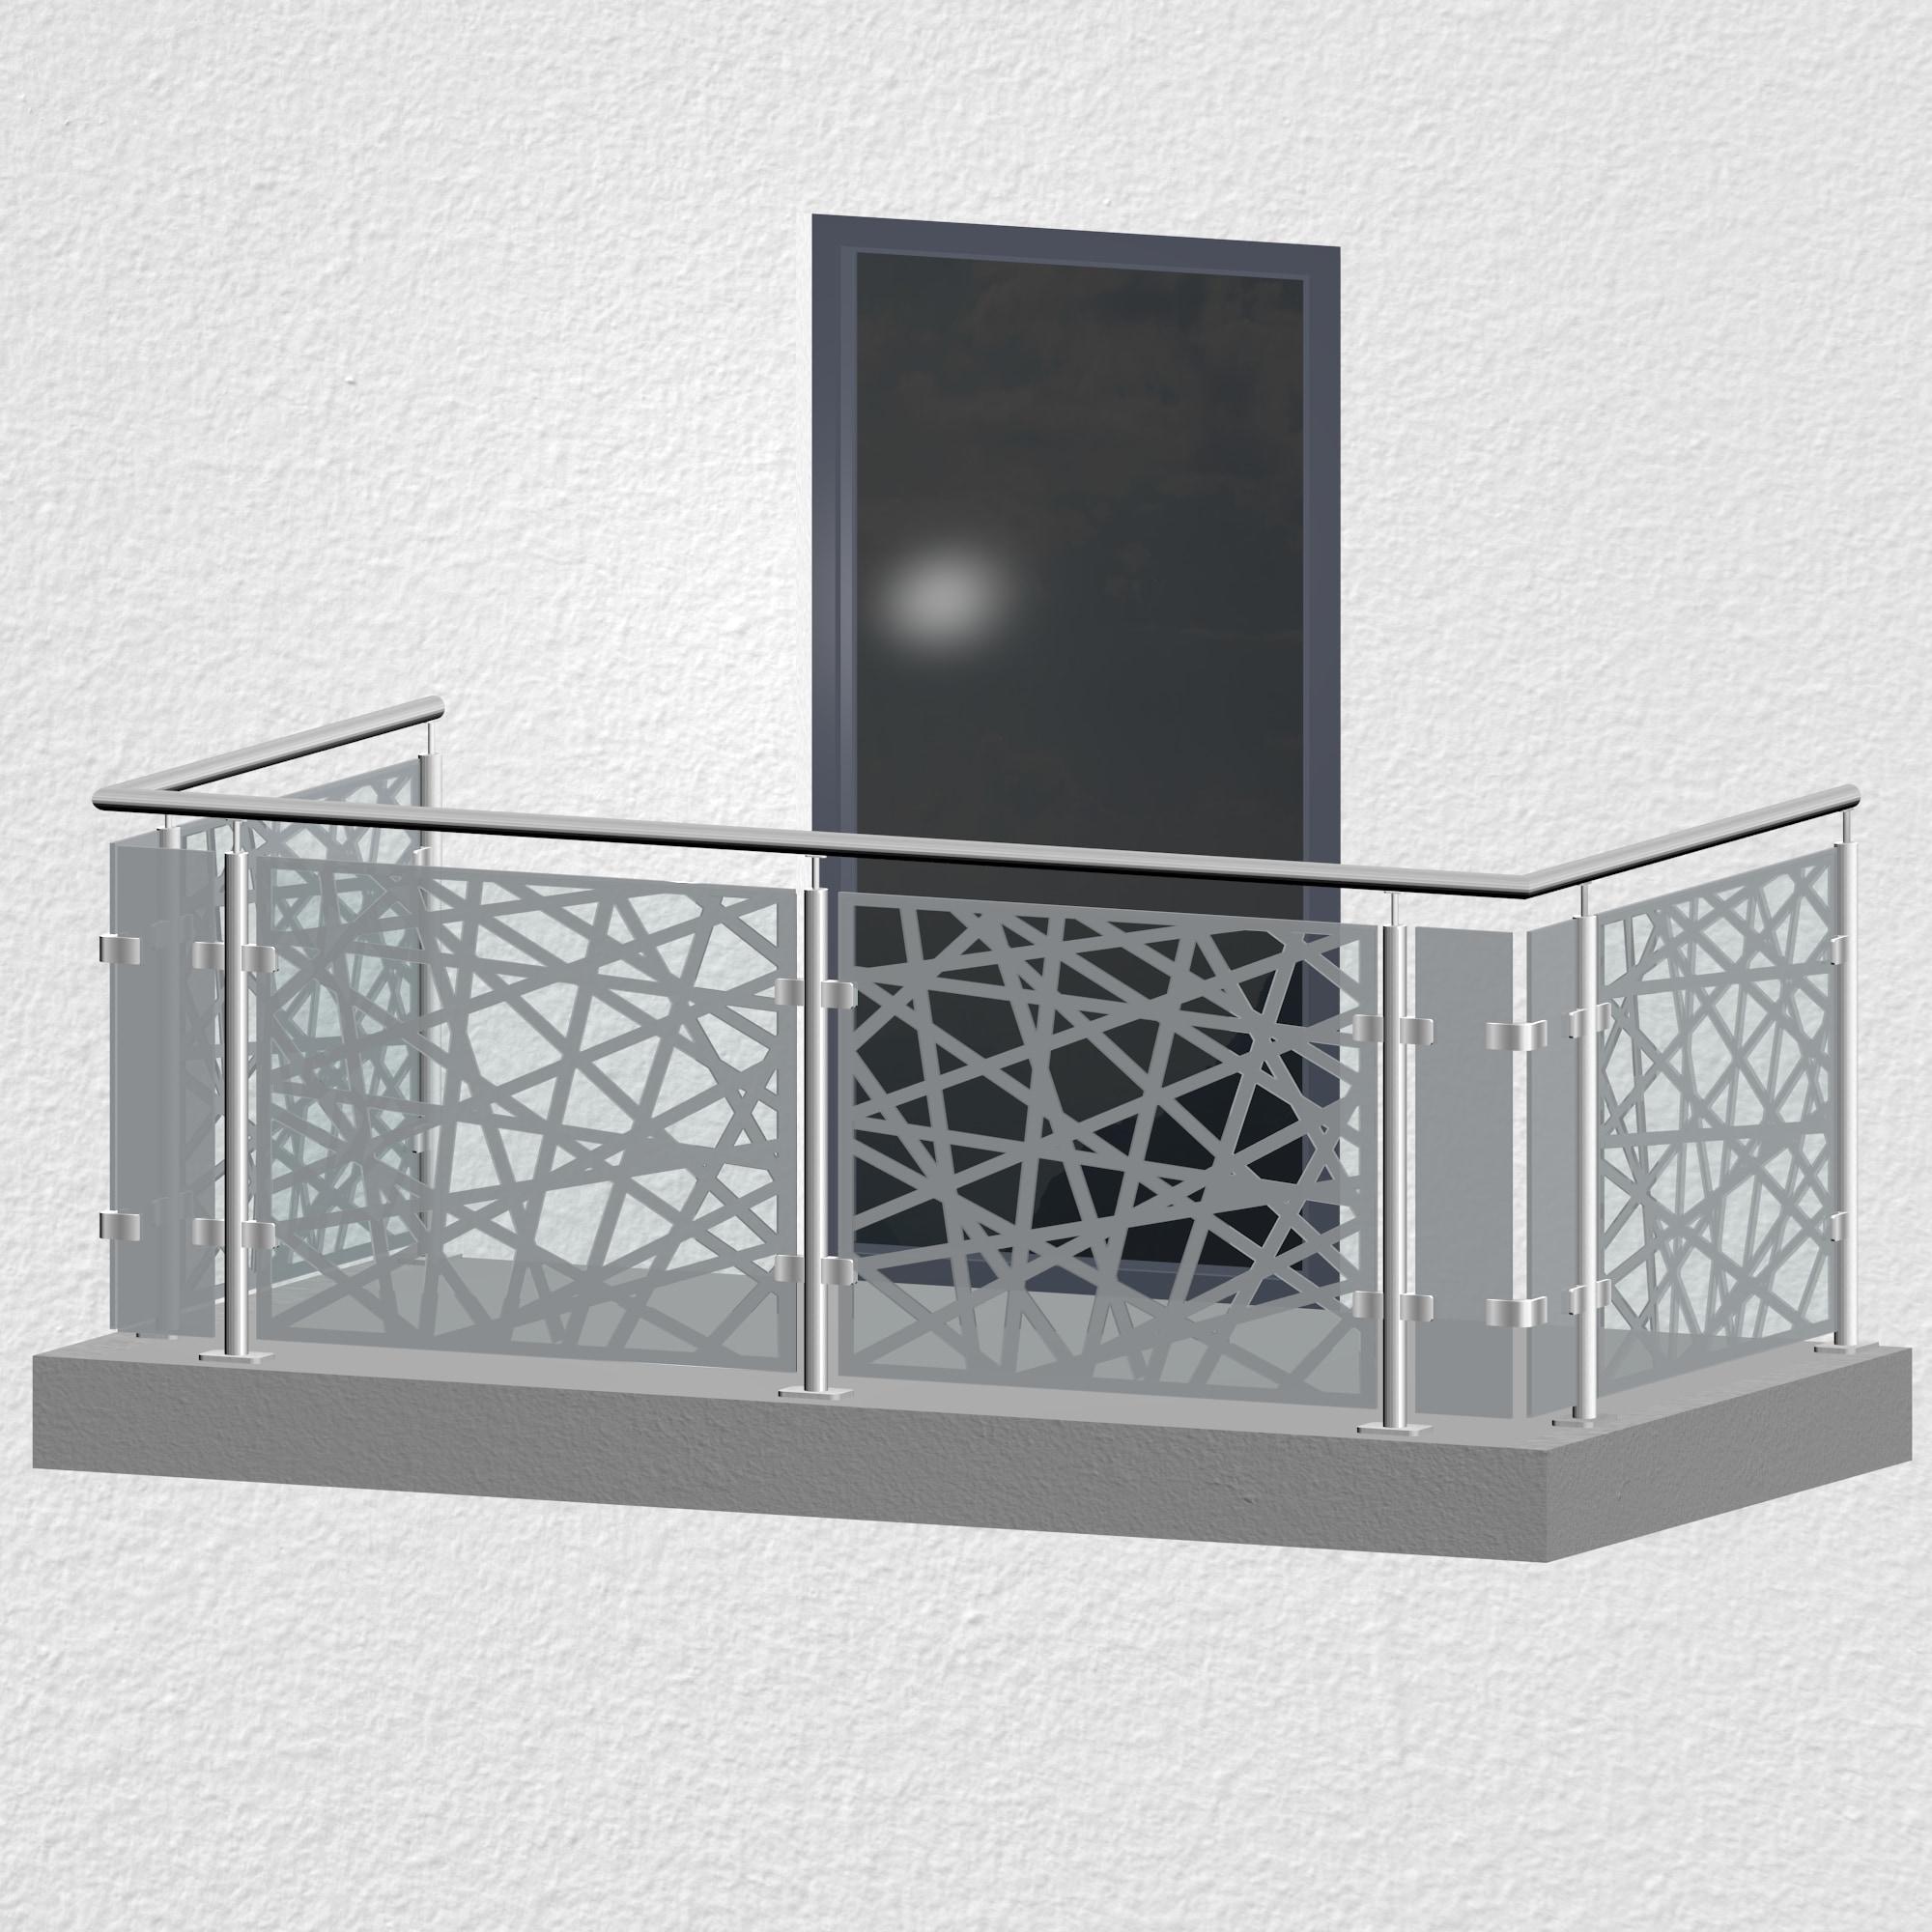 Balkongeländer Edelstahl Designglas AB 1 MO